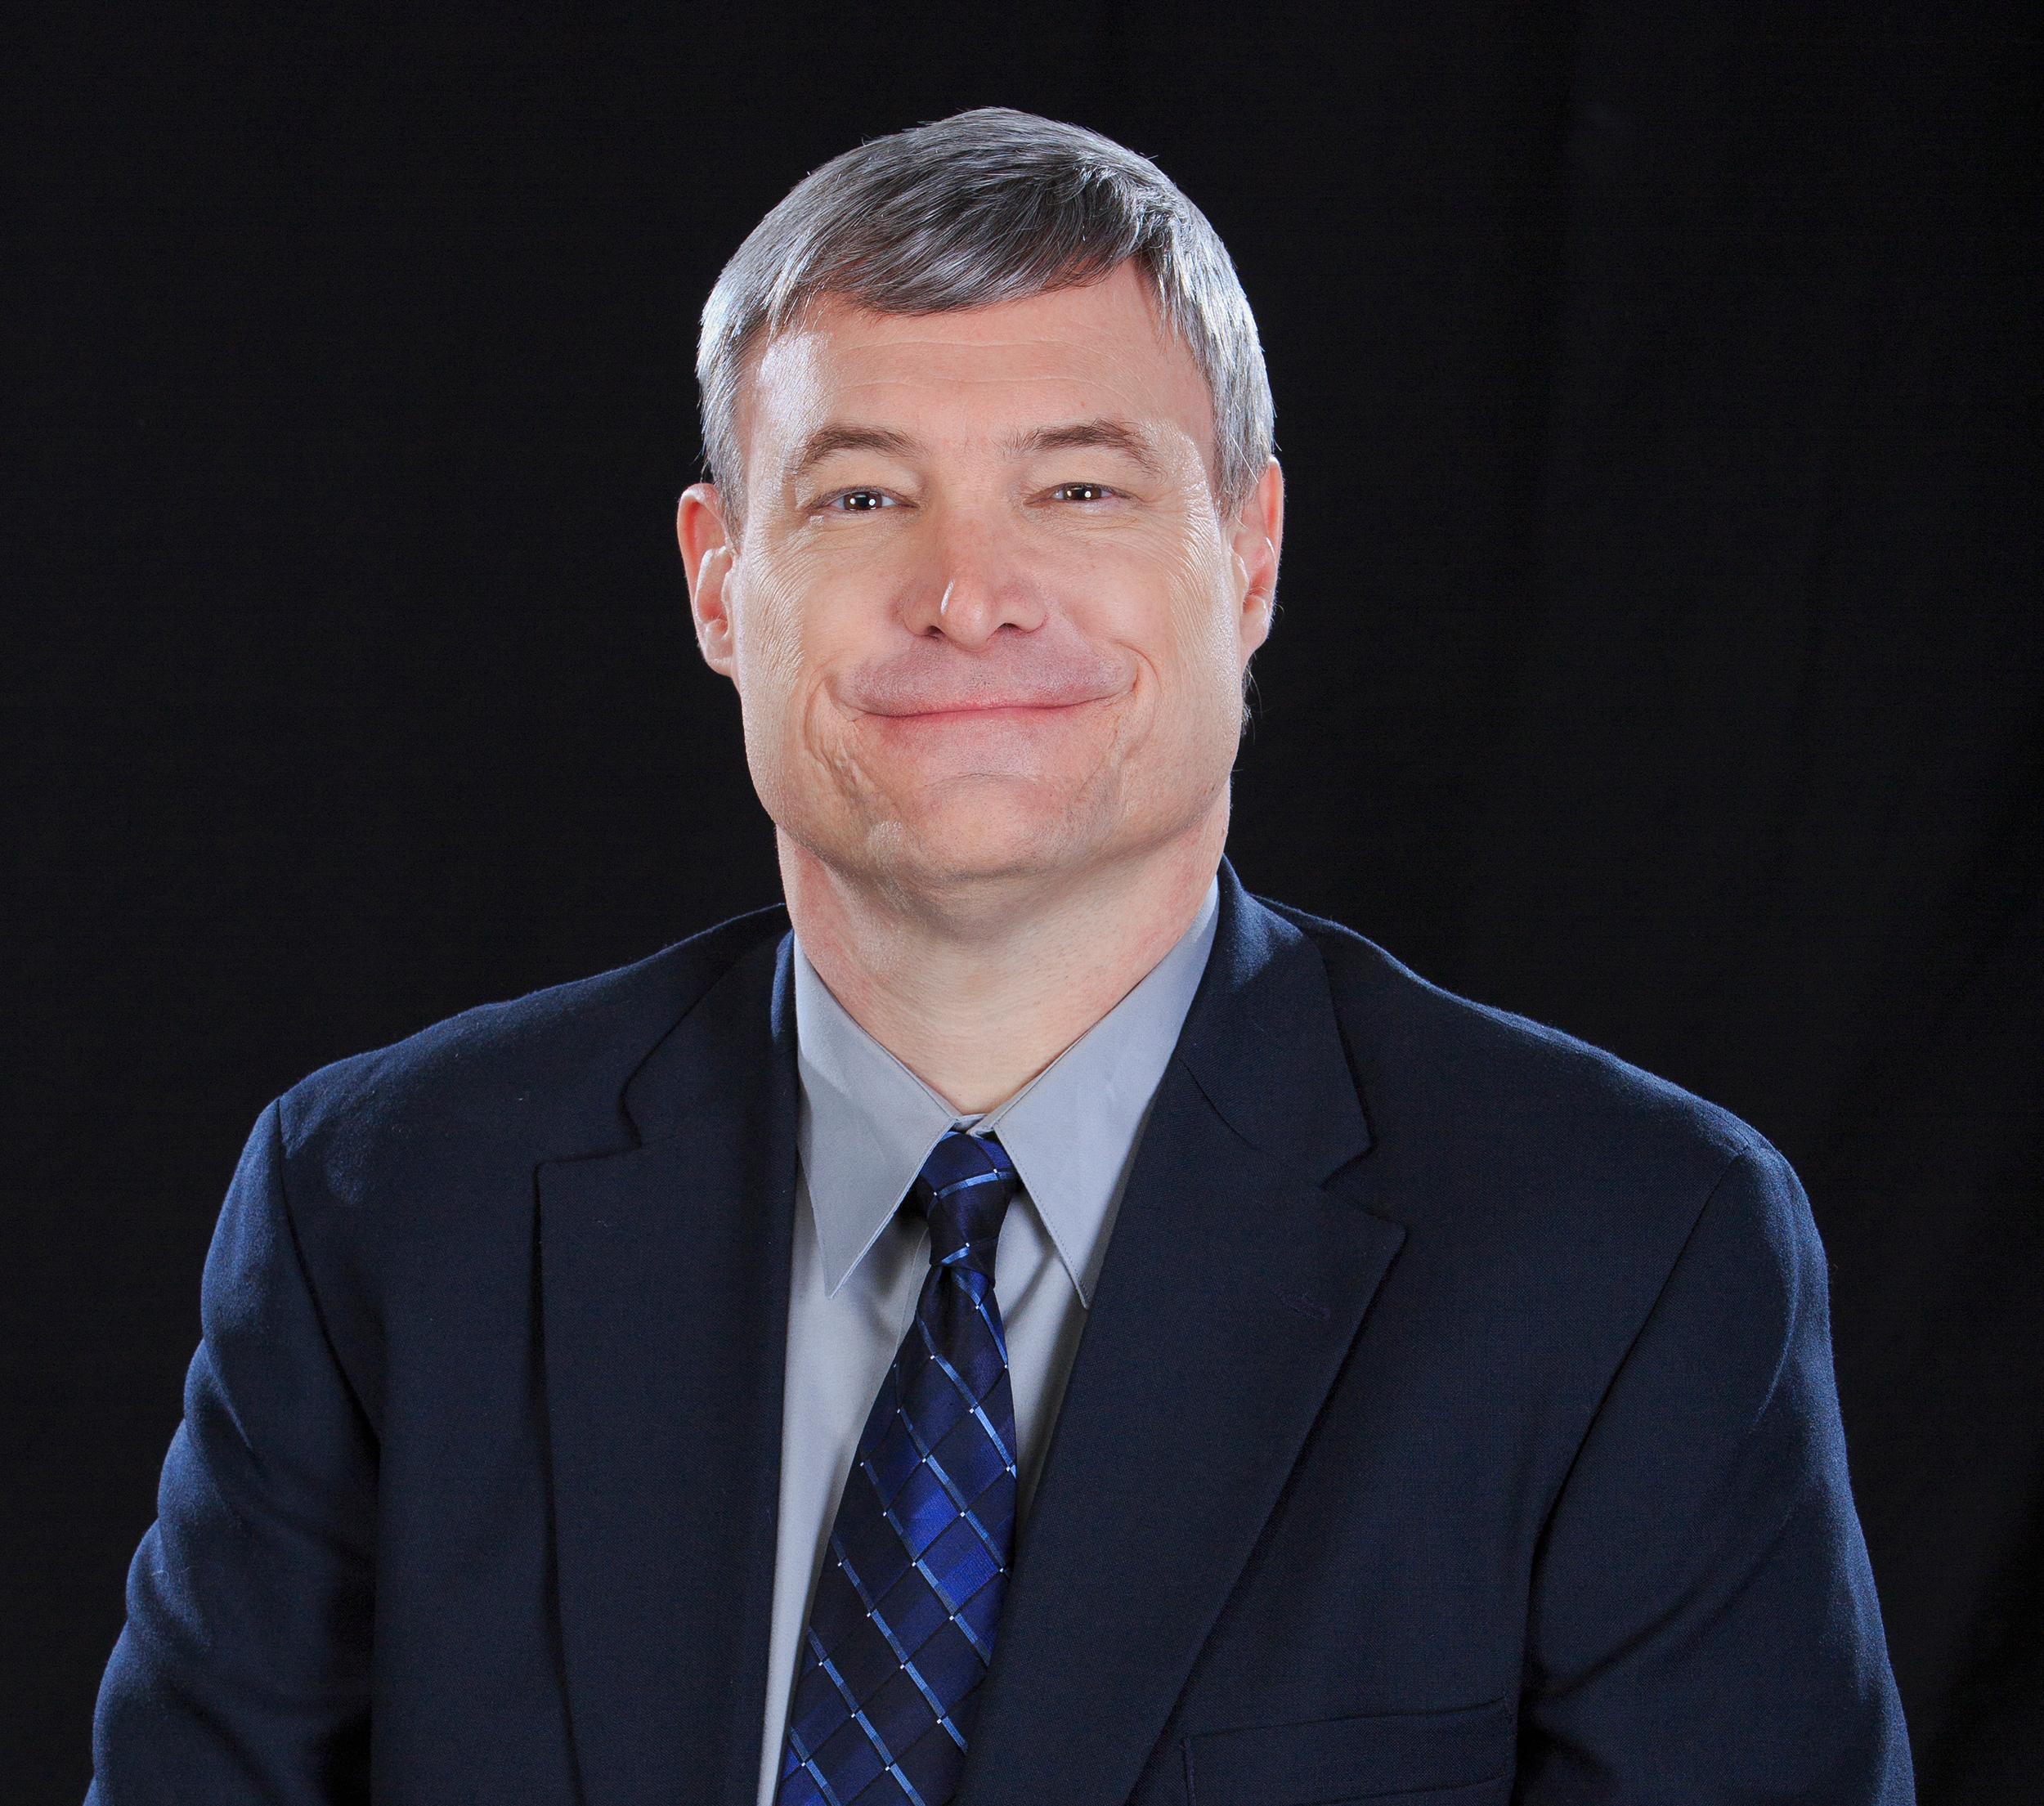 Chris Sommer, NewsRadio 1080 KRLD